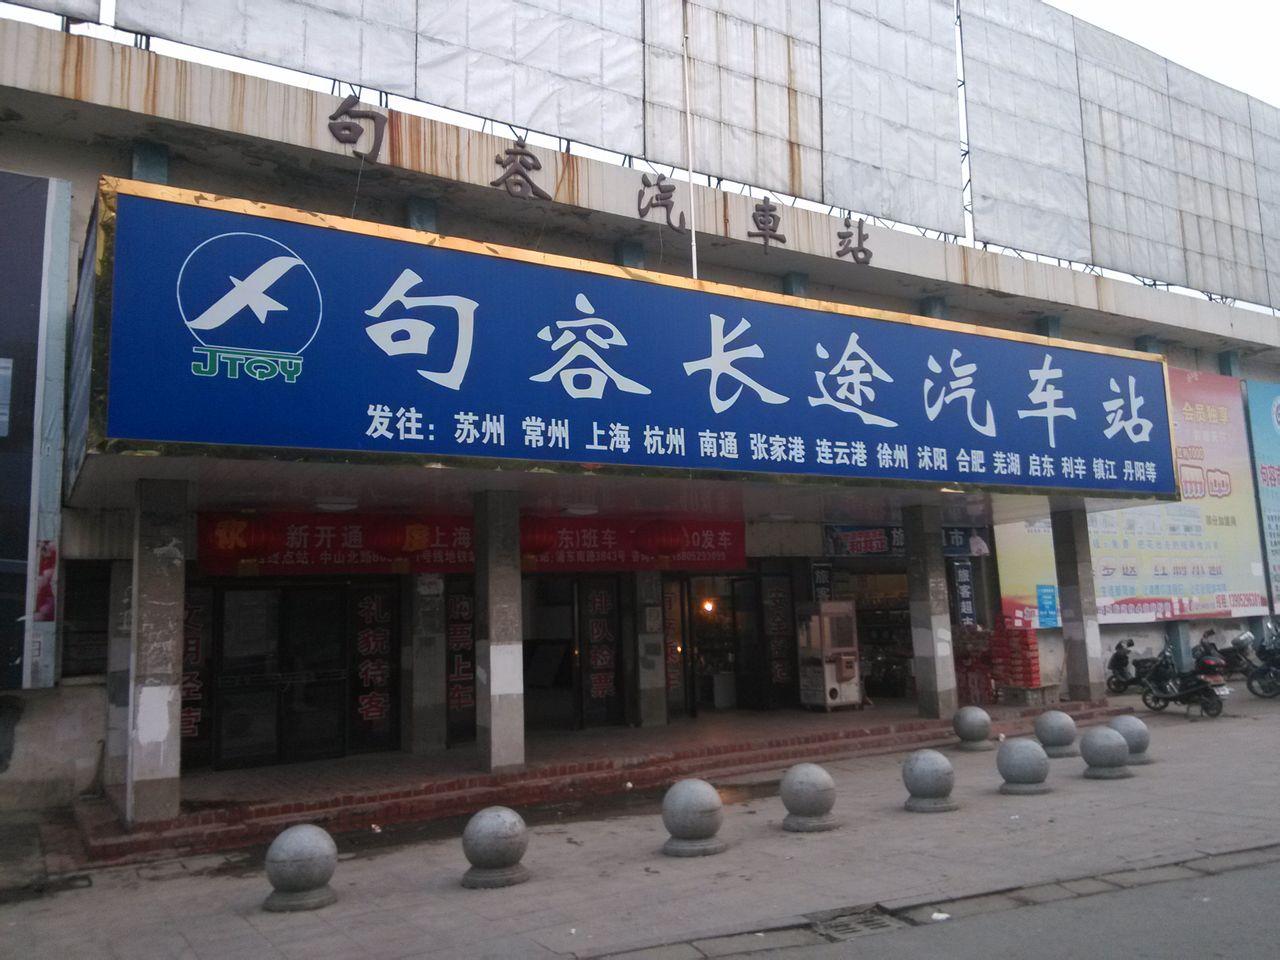 句容汽车站